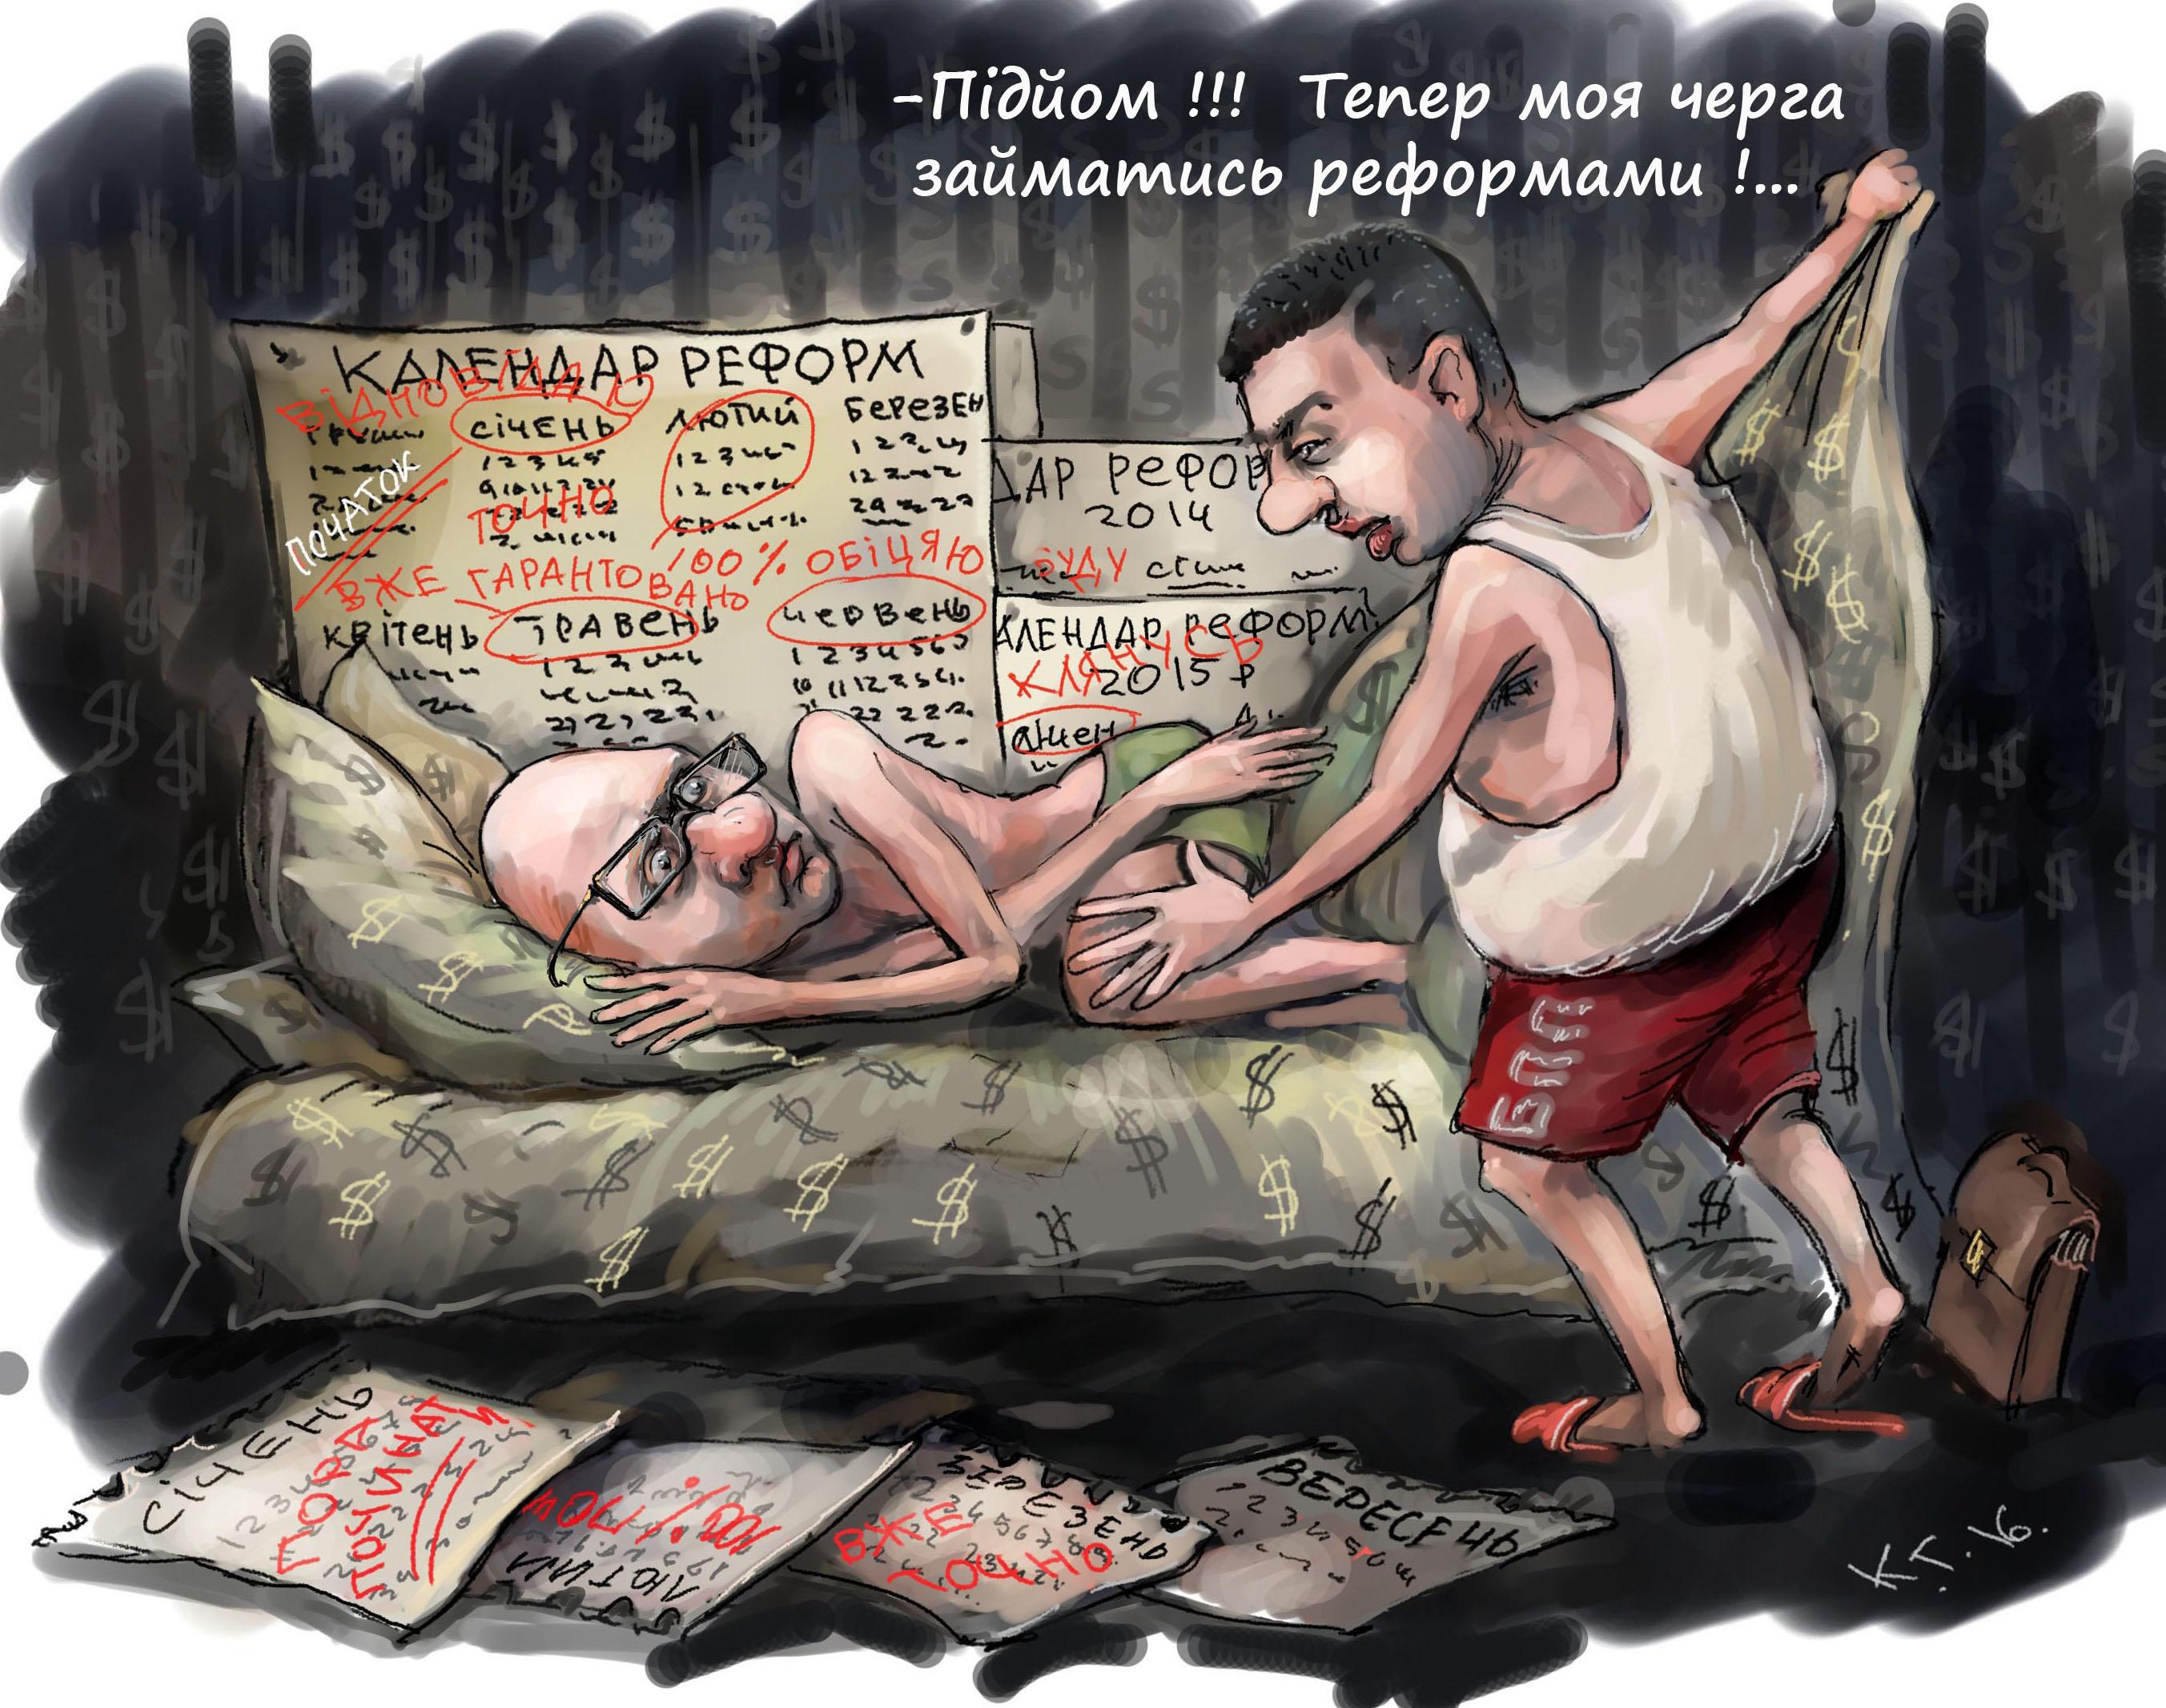 В должности премьера Гройсману нужно будет возглавить БПП, - замглавы АП Ковальчук - Цензор.НЕТ 6243